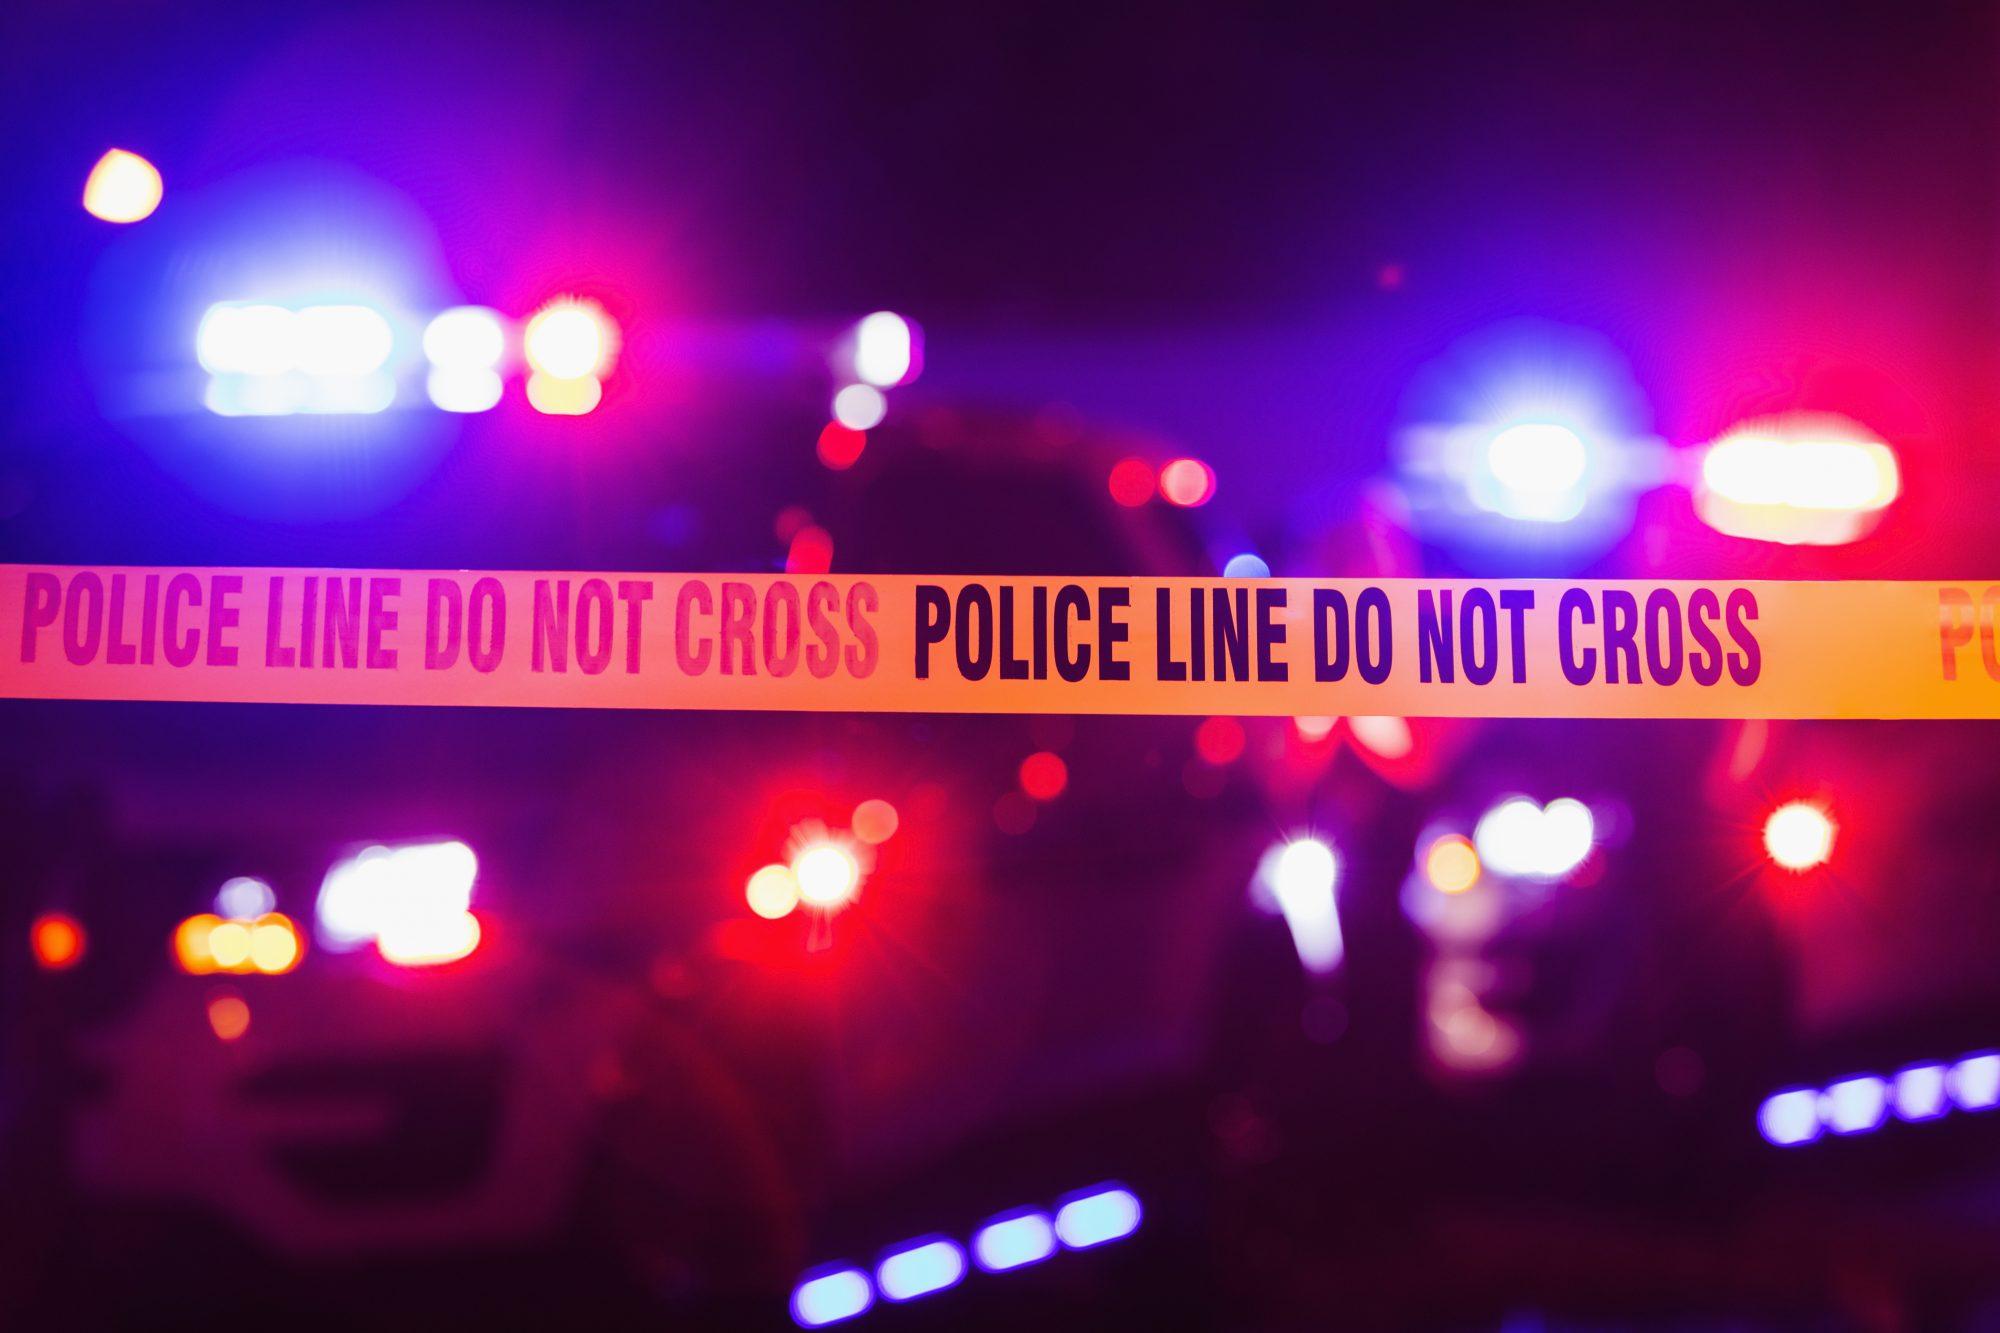 Accident tape - crime scene